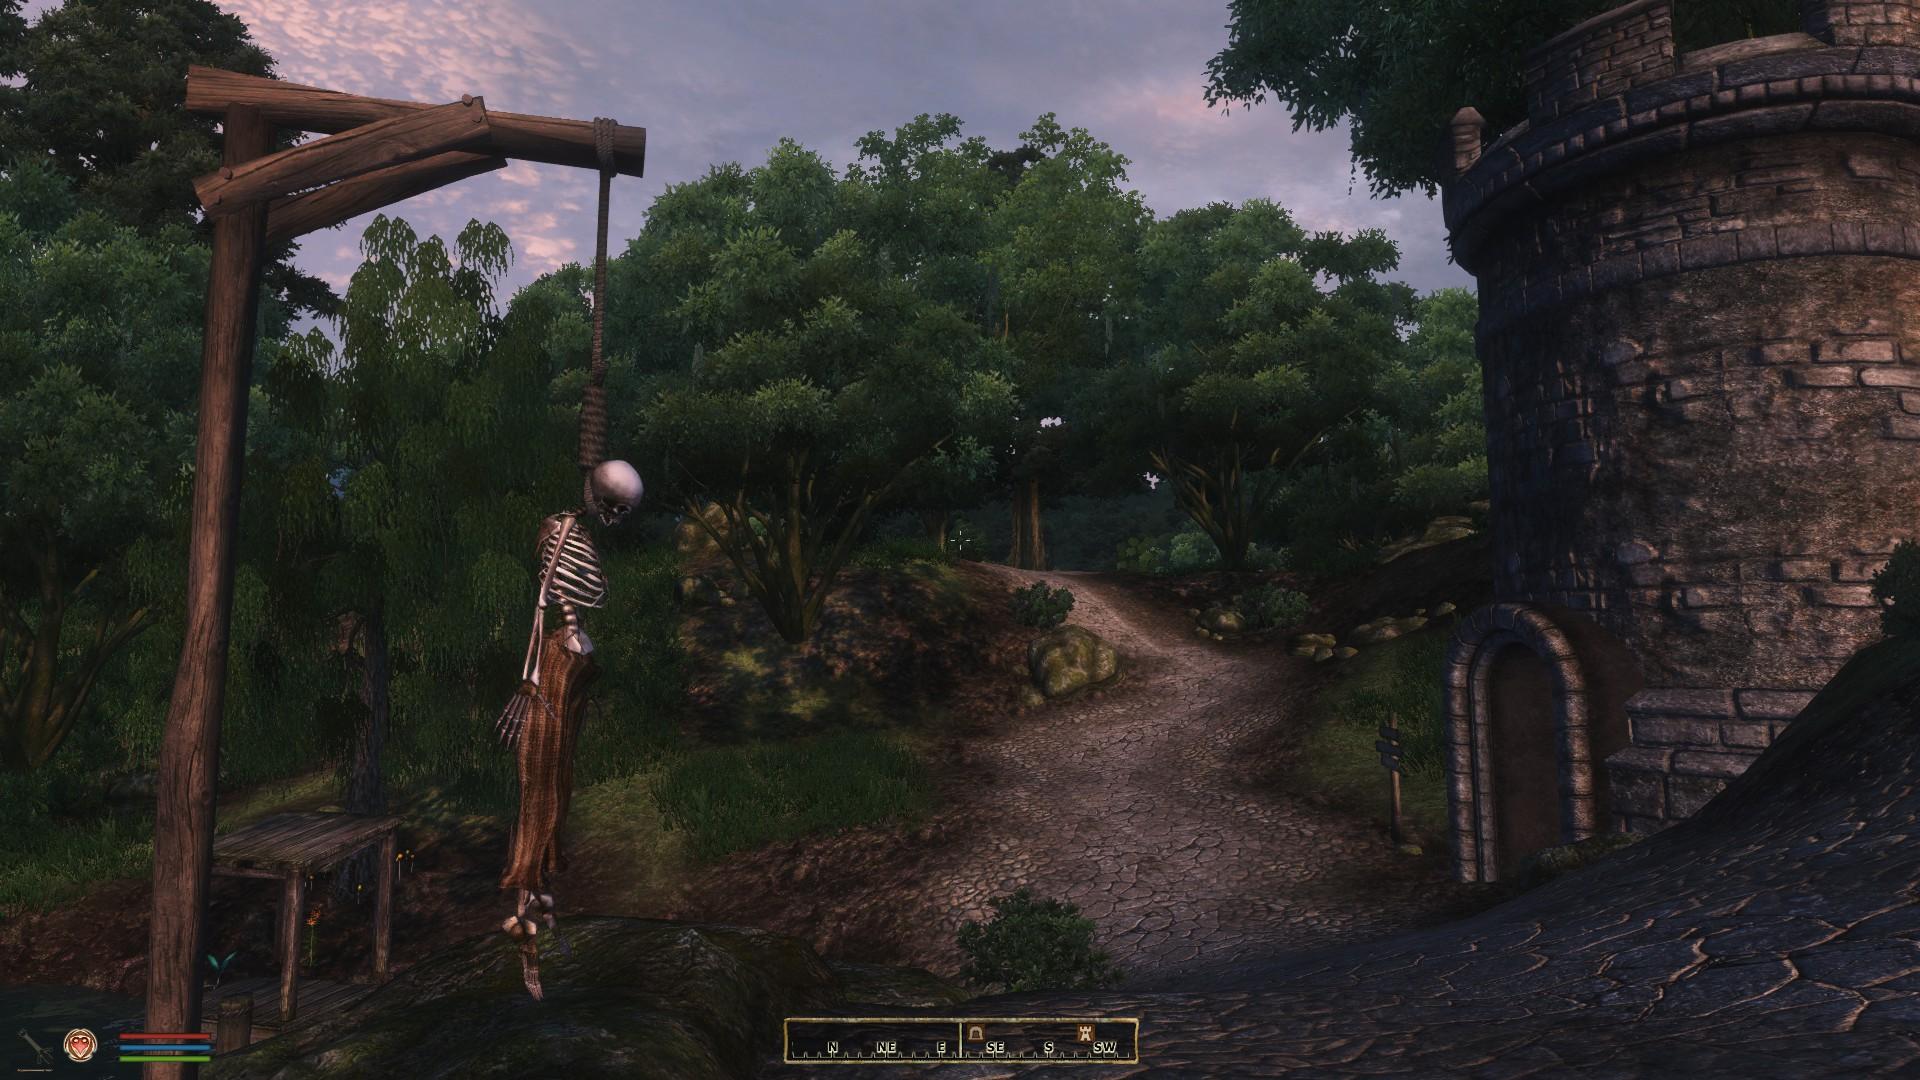 Steam Community :: Guide :: Oblivion Modding Guide - Vanilla